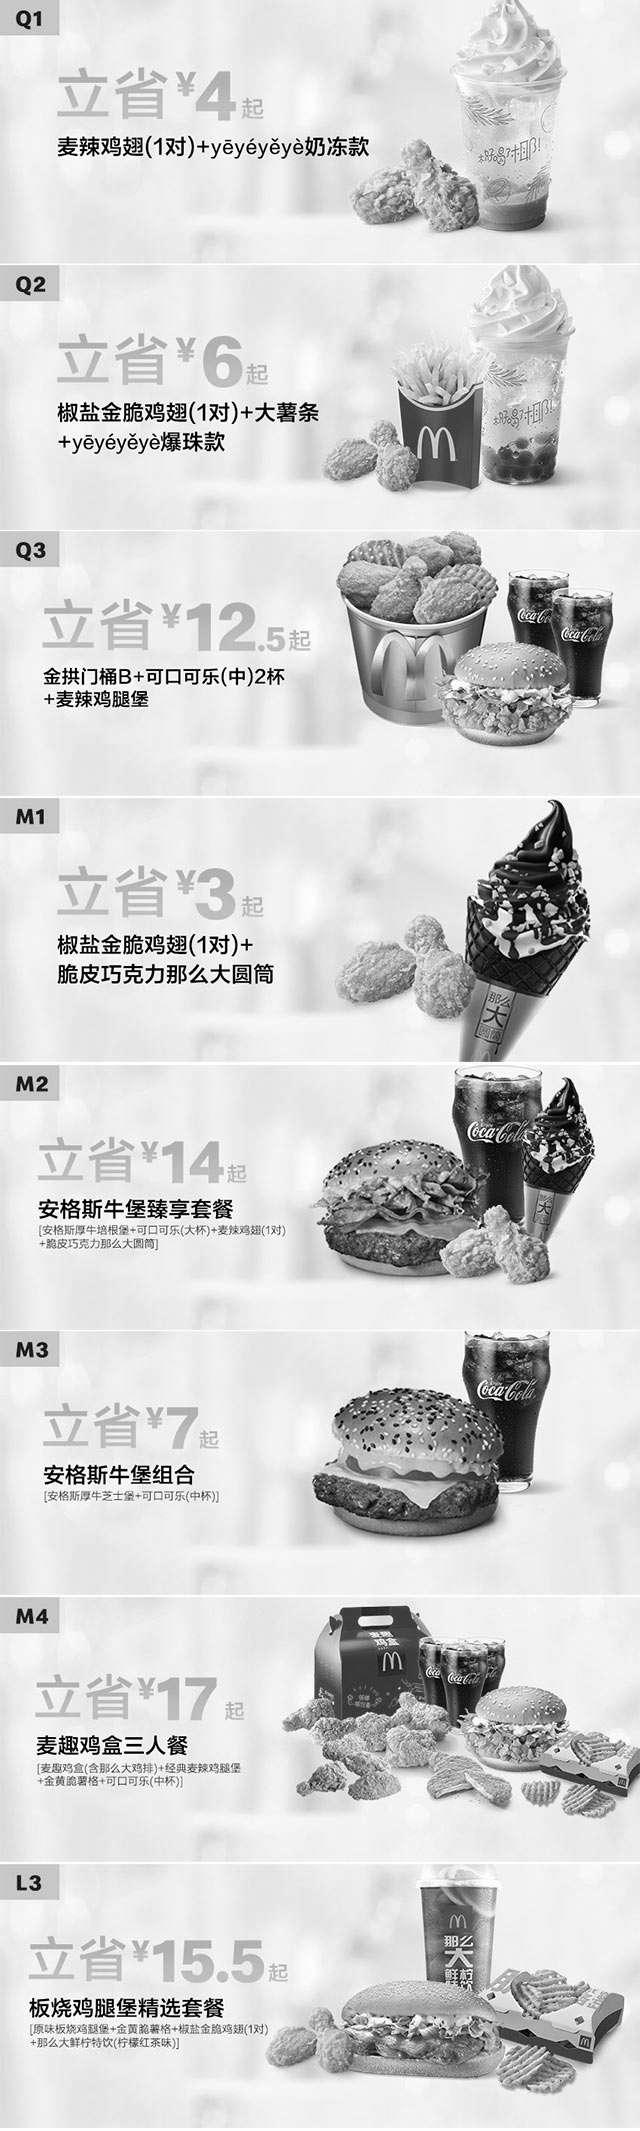 黑白优惠券图片:麦当劳优惠券2019年5月15日至6月4日整张版本,点餐手机出示或报优惠码有优惠价 - www.5ikfc.com